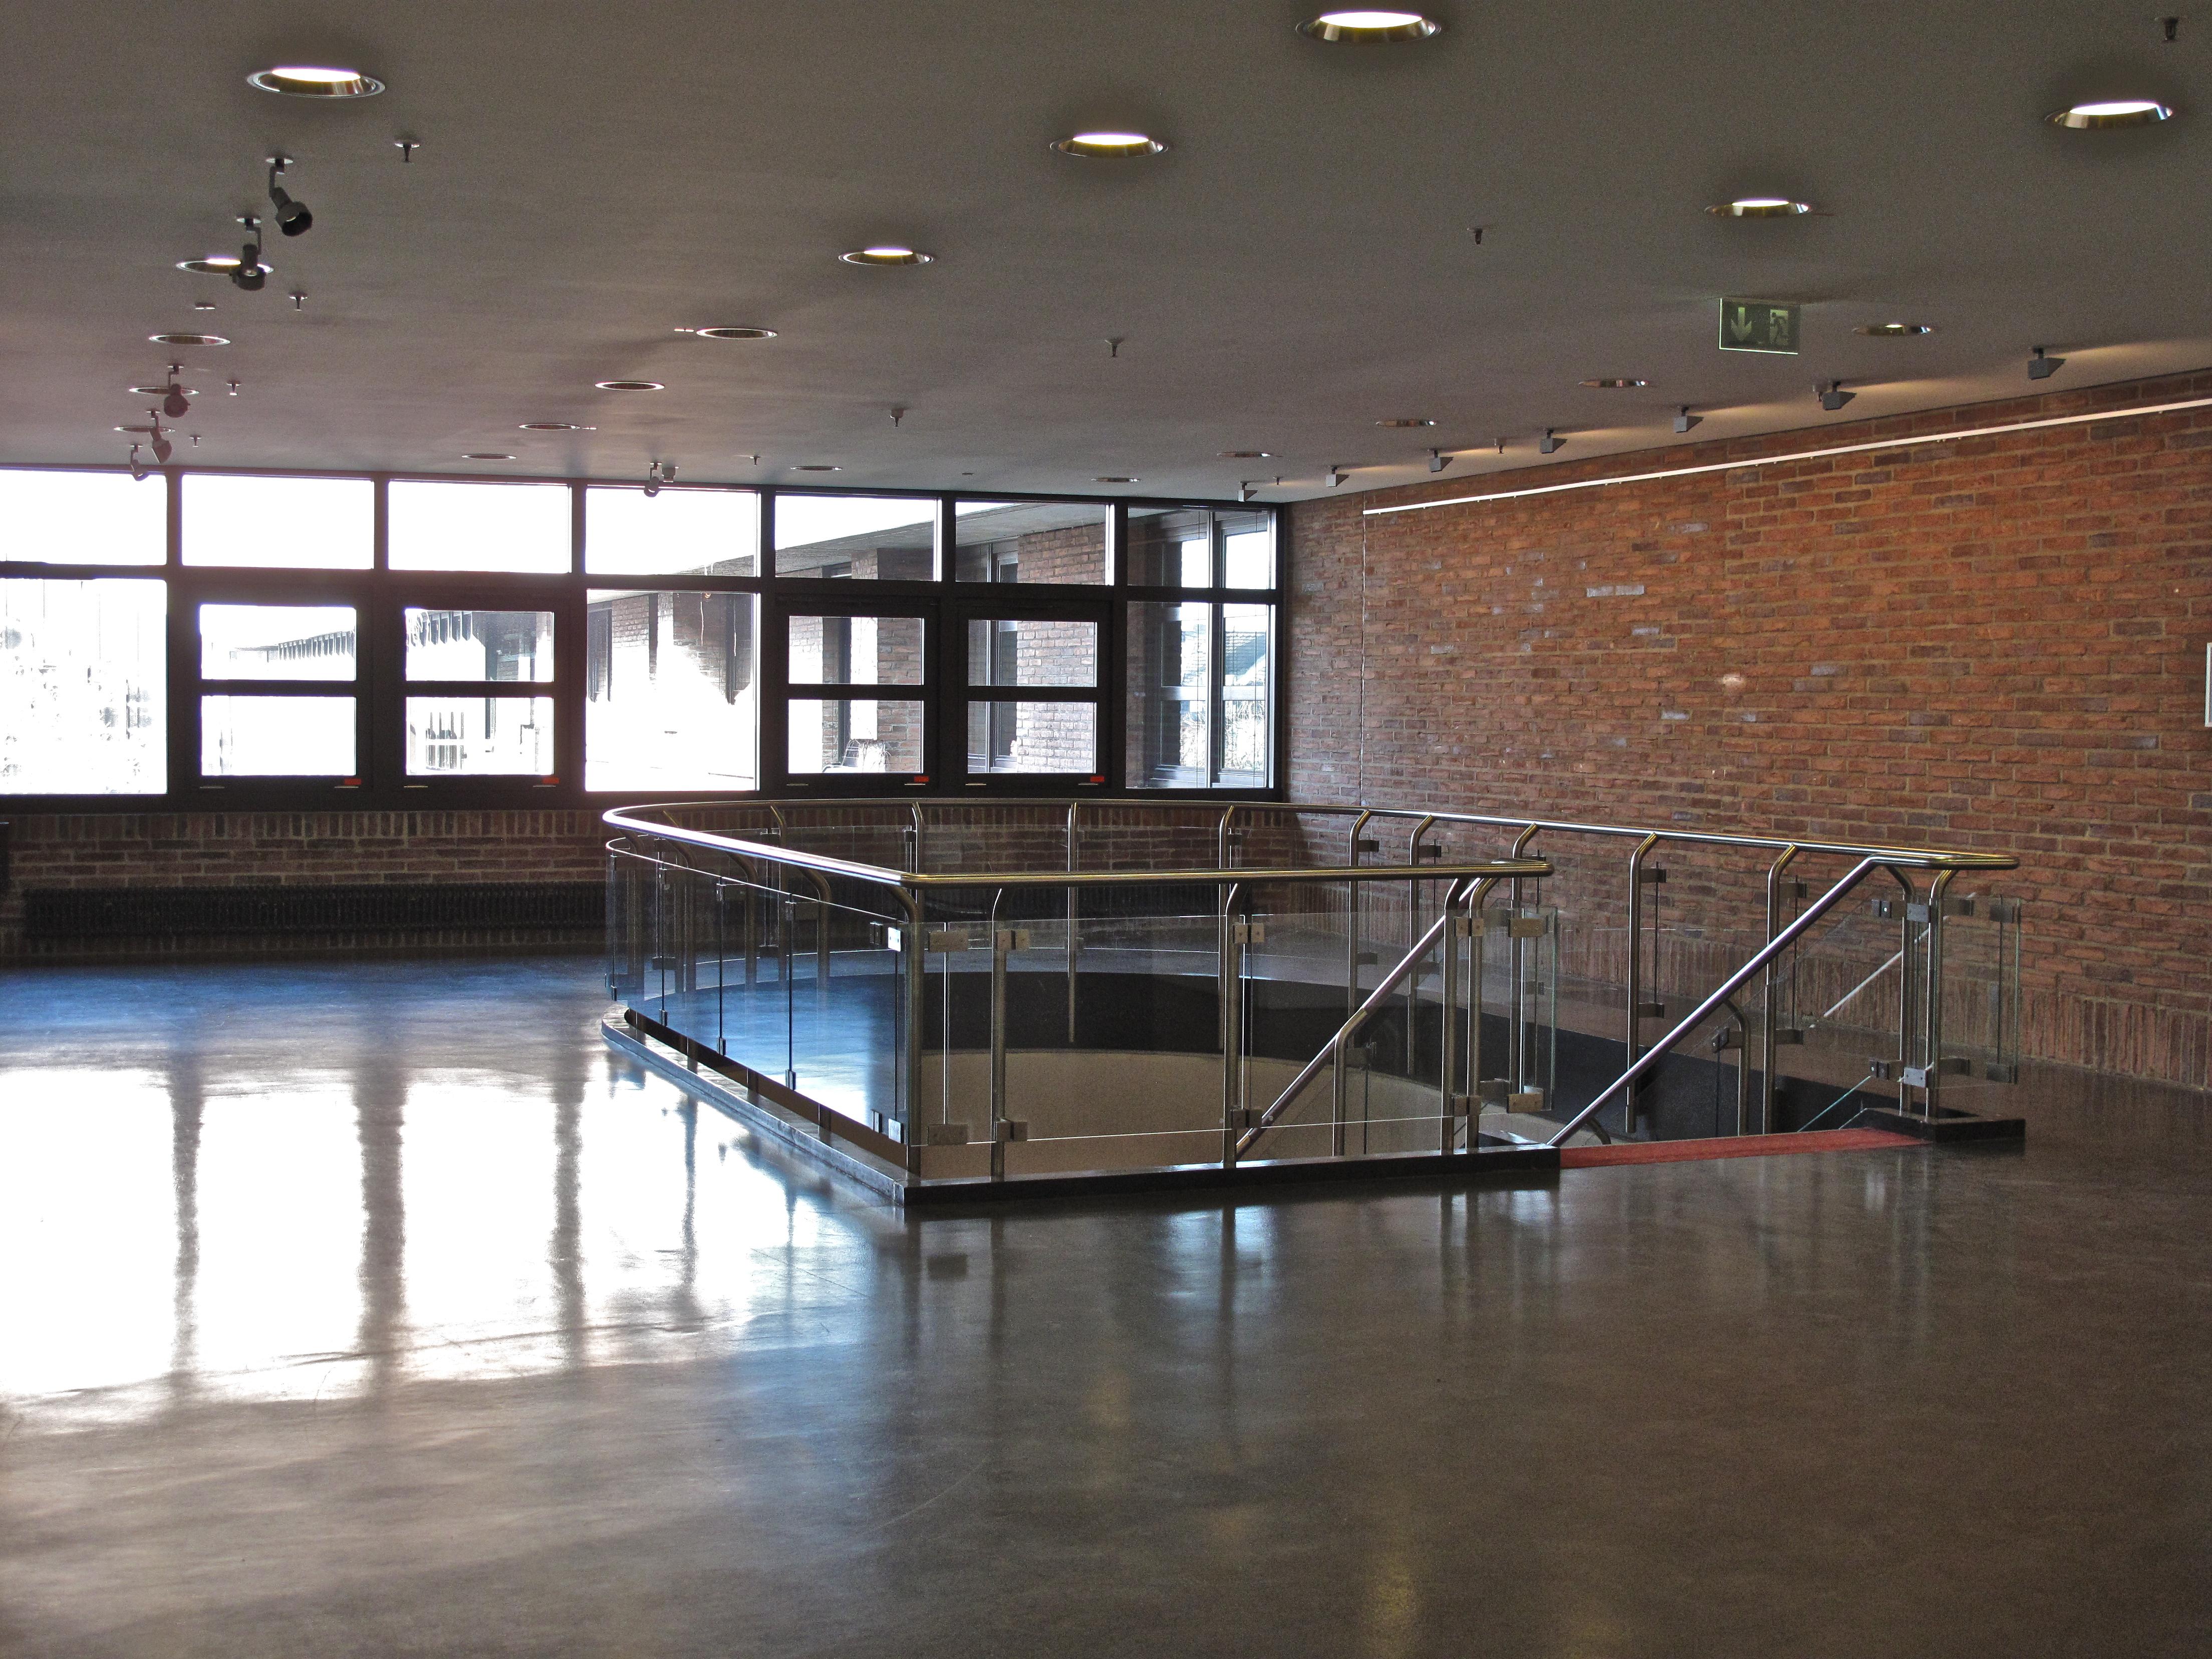 Künstlerisch Fensterfront Galerie Von File:gasteig Treppenabgang 2 Og Und Mit Blick